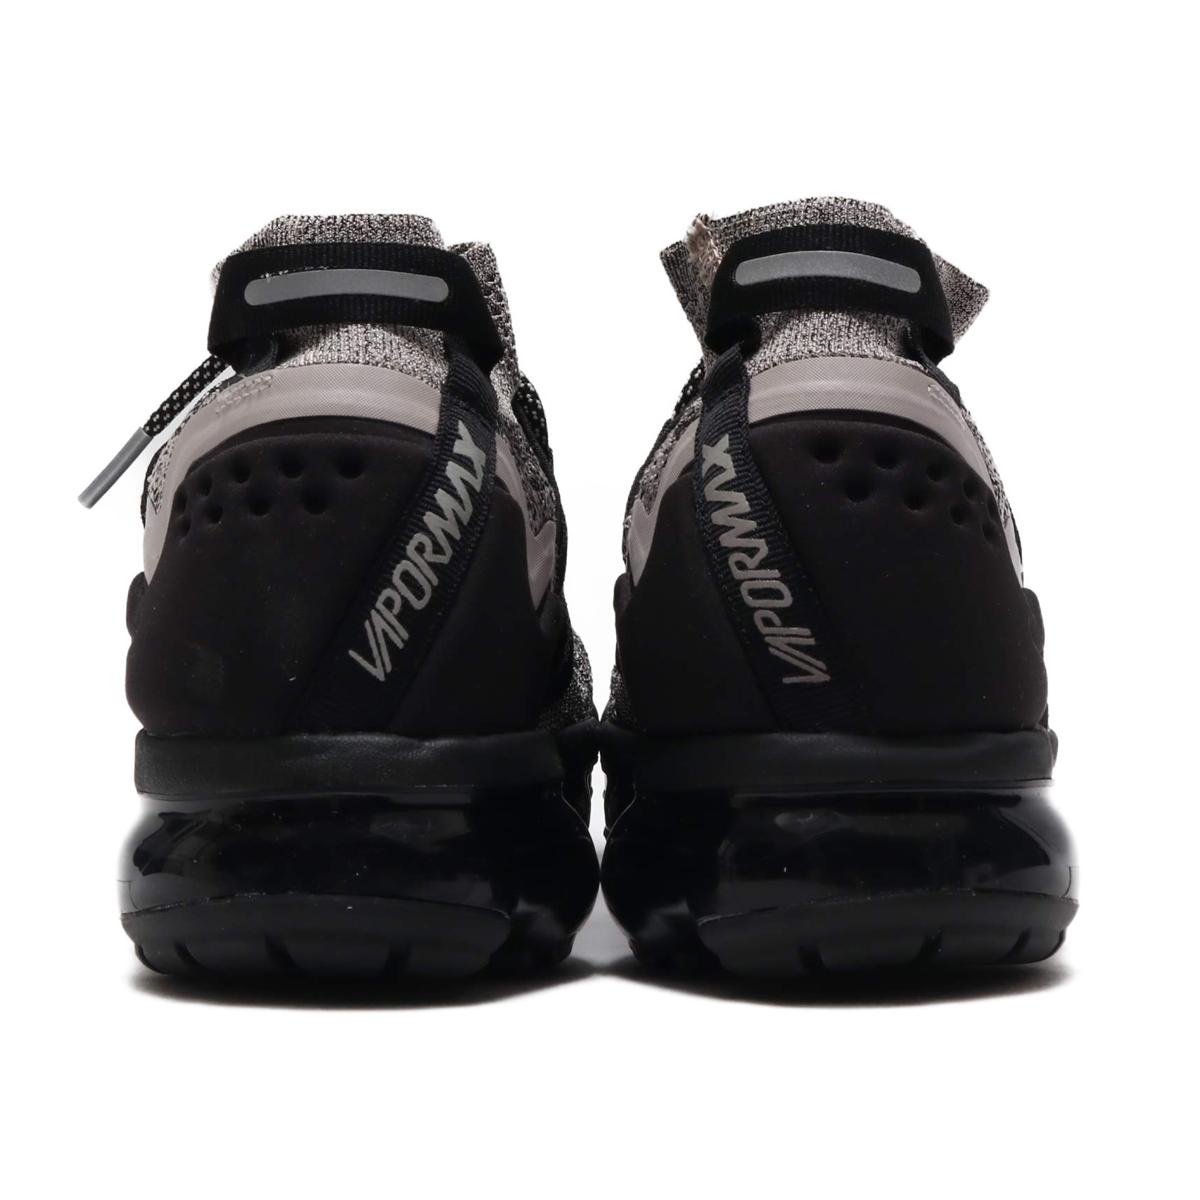 d6d7b5fb9b298 ... NIKE AIR VAPORMAX FK UTILITY (MOON PARTICLE/WHITE-BLACK) (Nike air ...